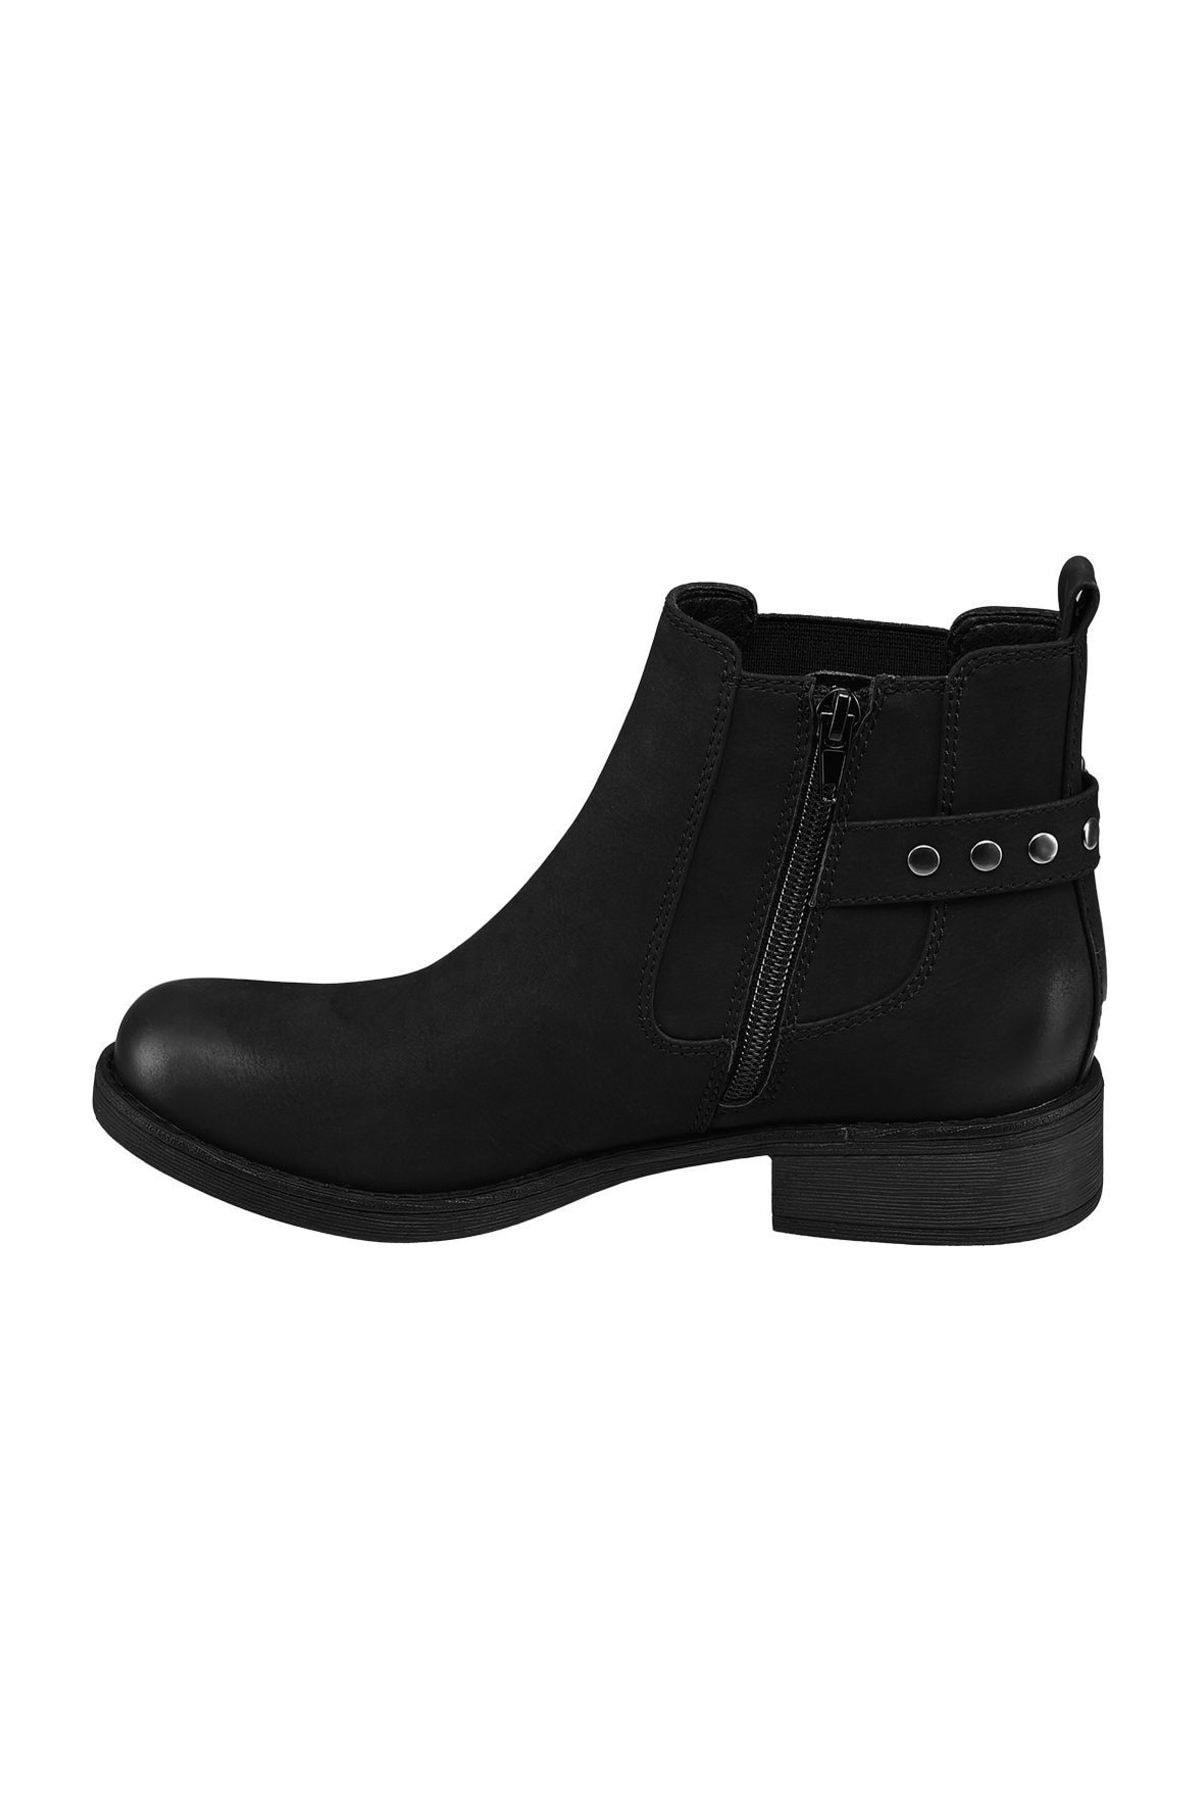 Graceland Deichmann Siyah Kadın Ayakkabı 2